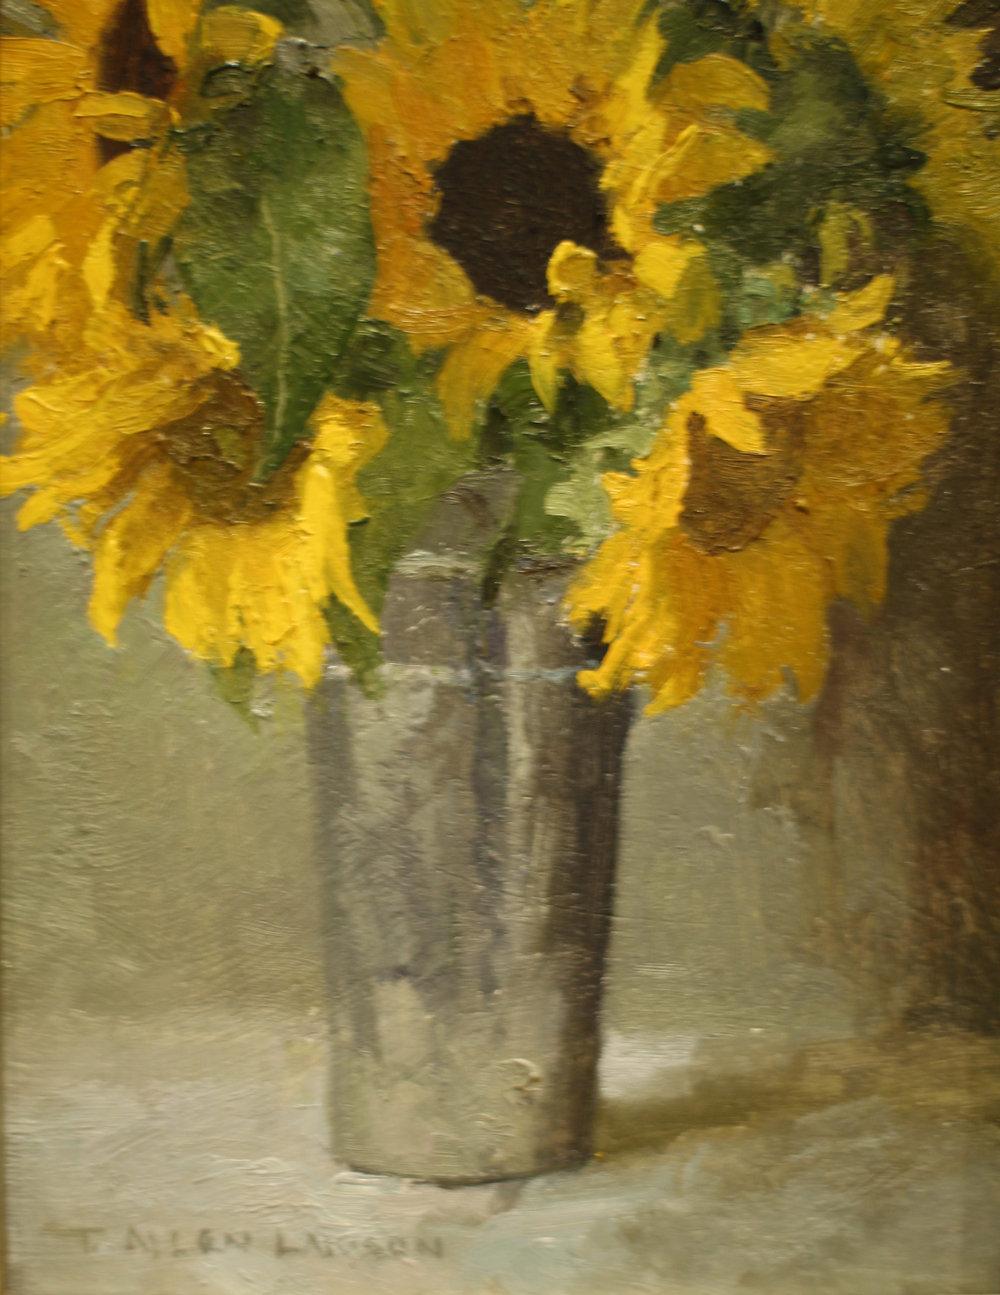 Sunflowers for Luke